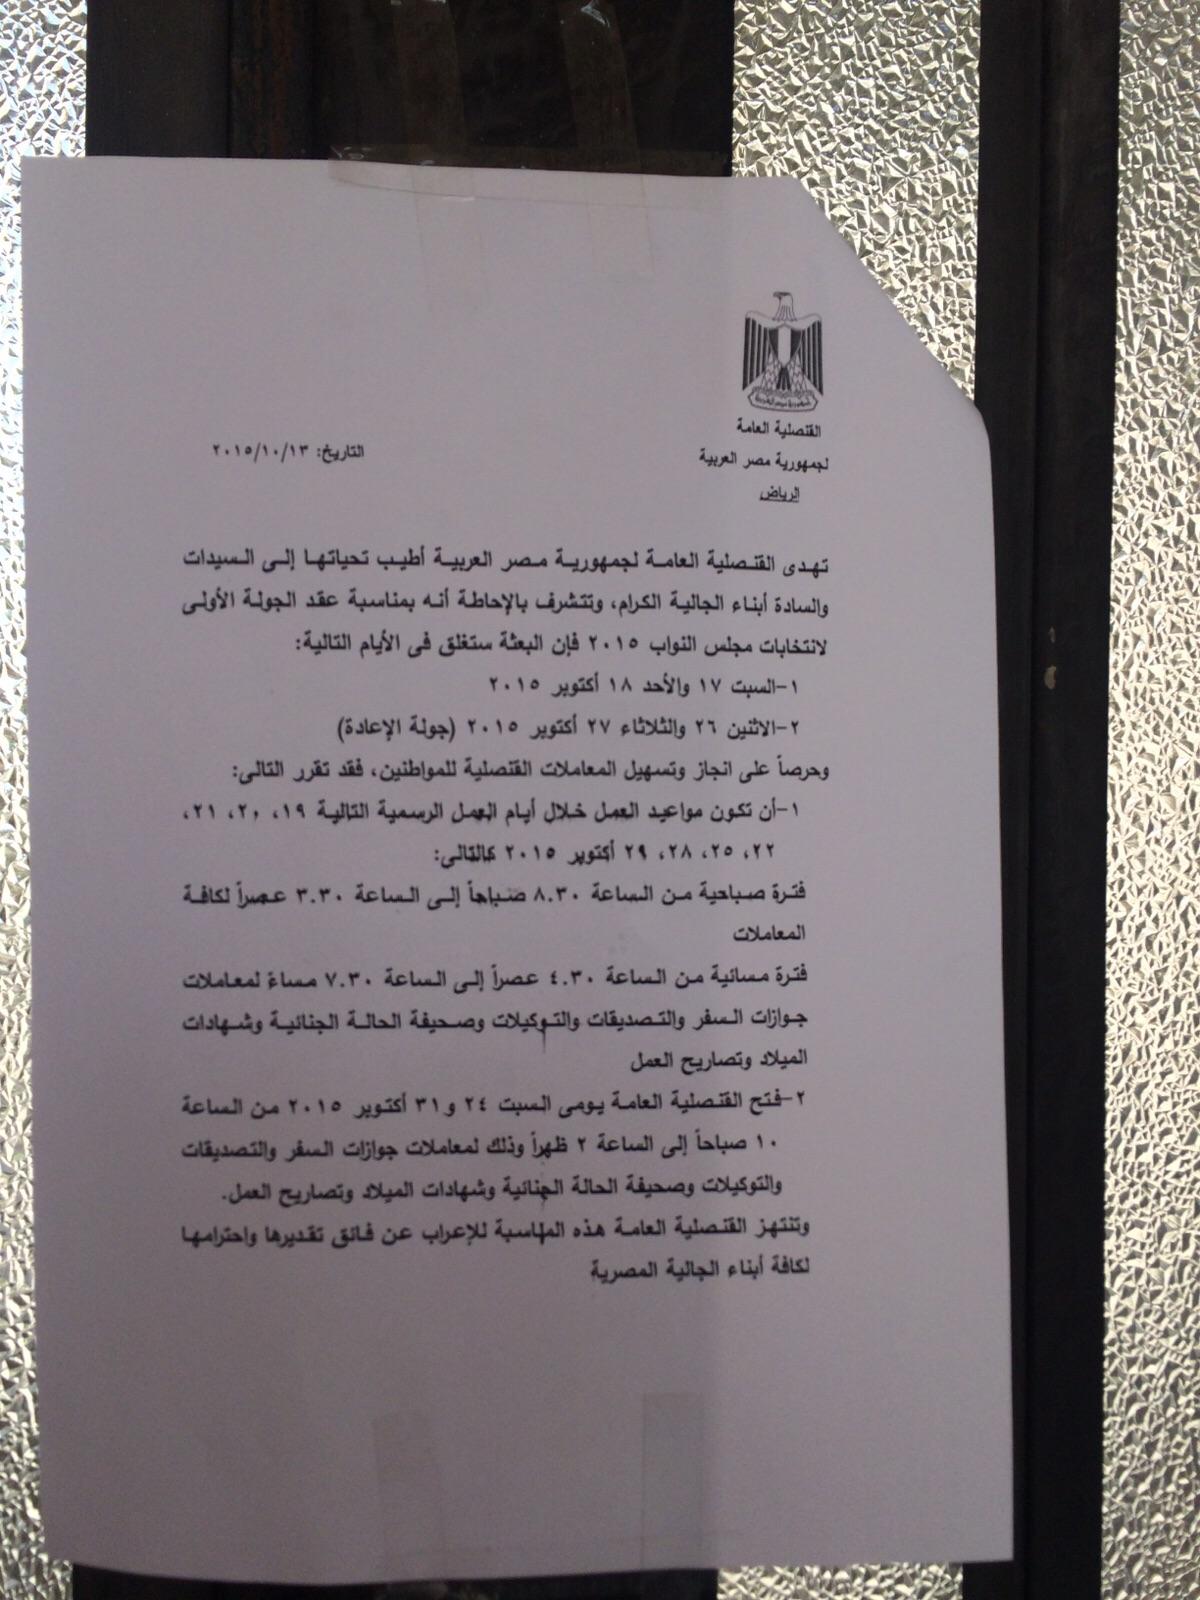 بالصور.. ضعف إقبال المصريين على التصويت في الانتخابات بالسعودية: بنسبة 1%